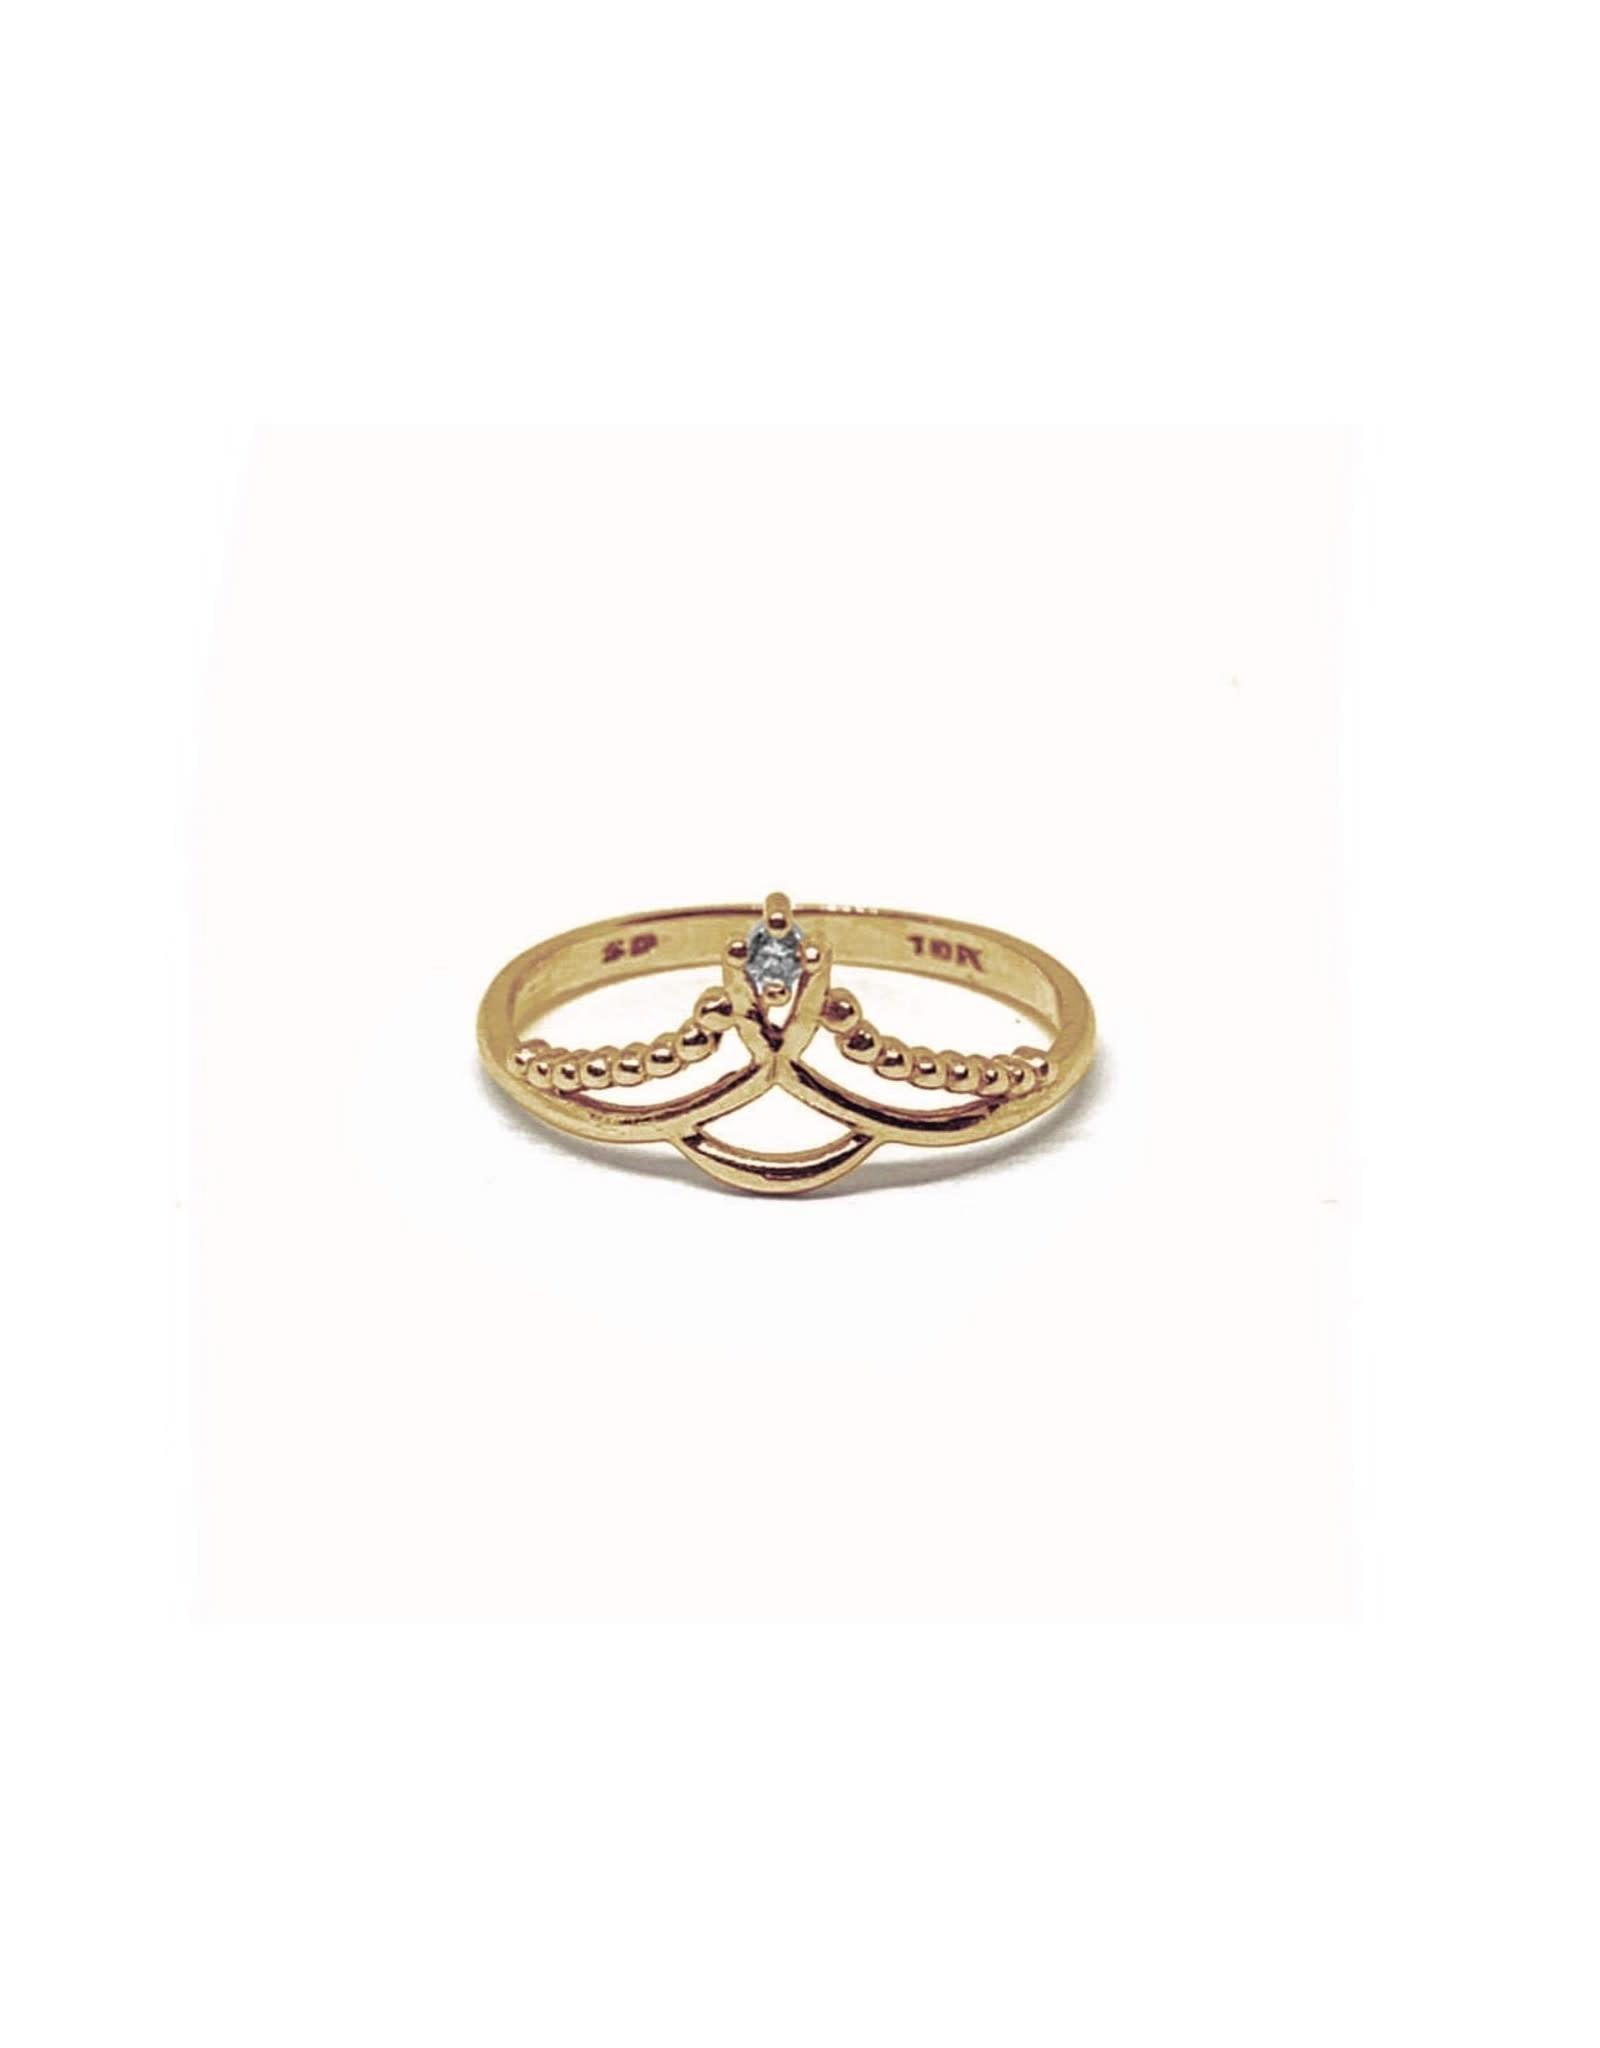 LokÜs Bague « Diadème » en Or avec diamant Canadien